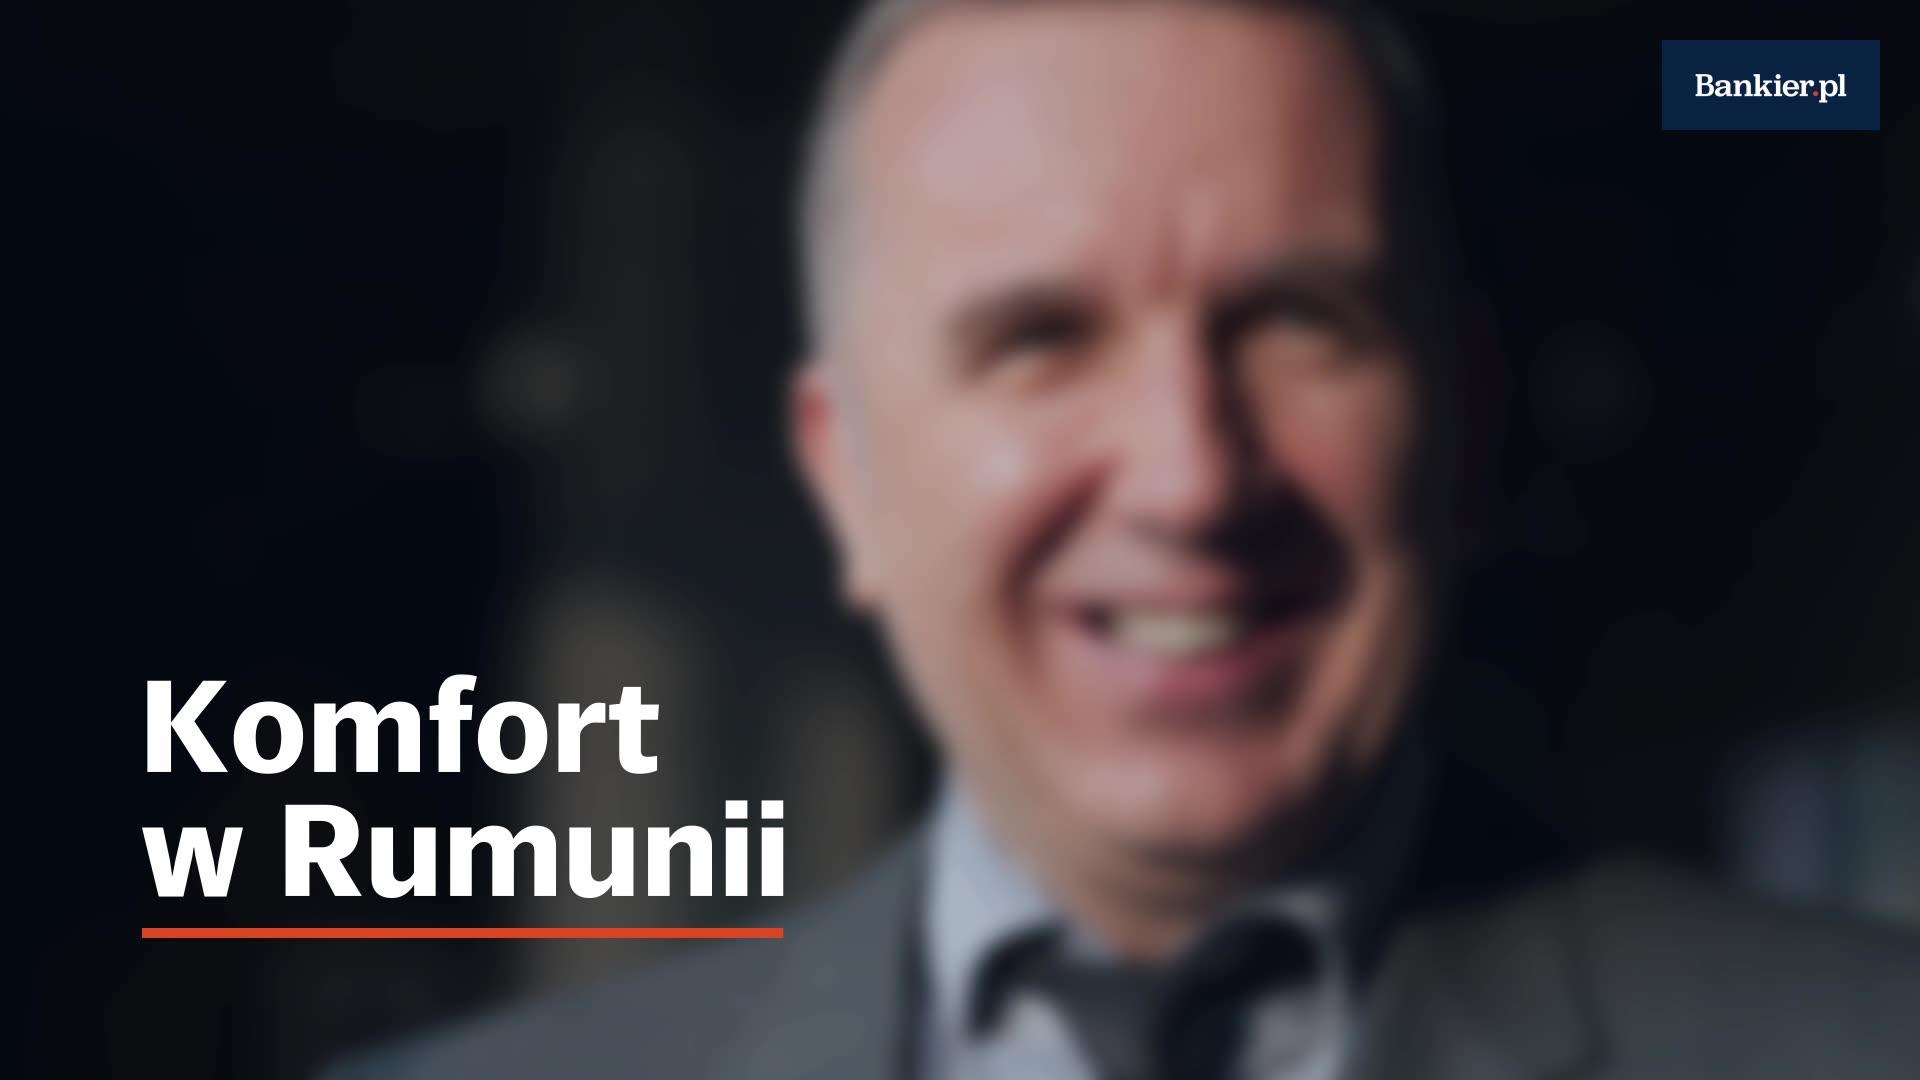 Komfort w Rumunii